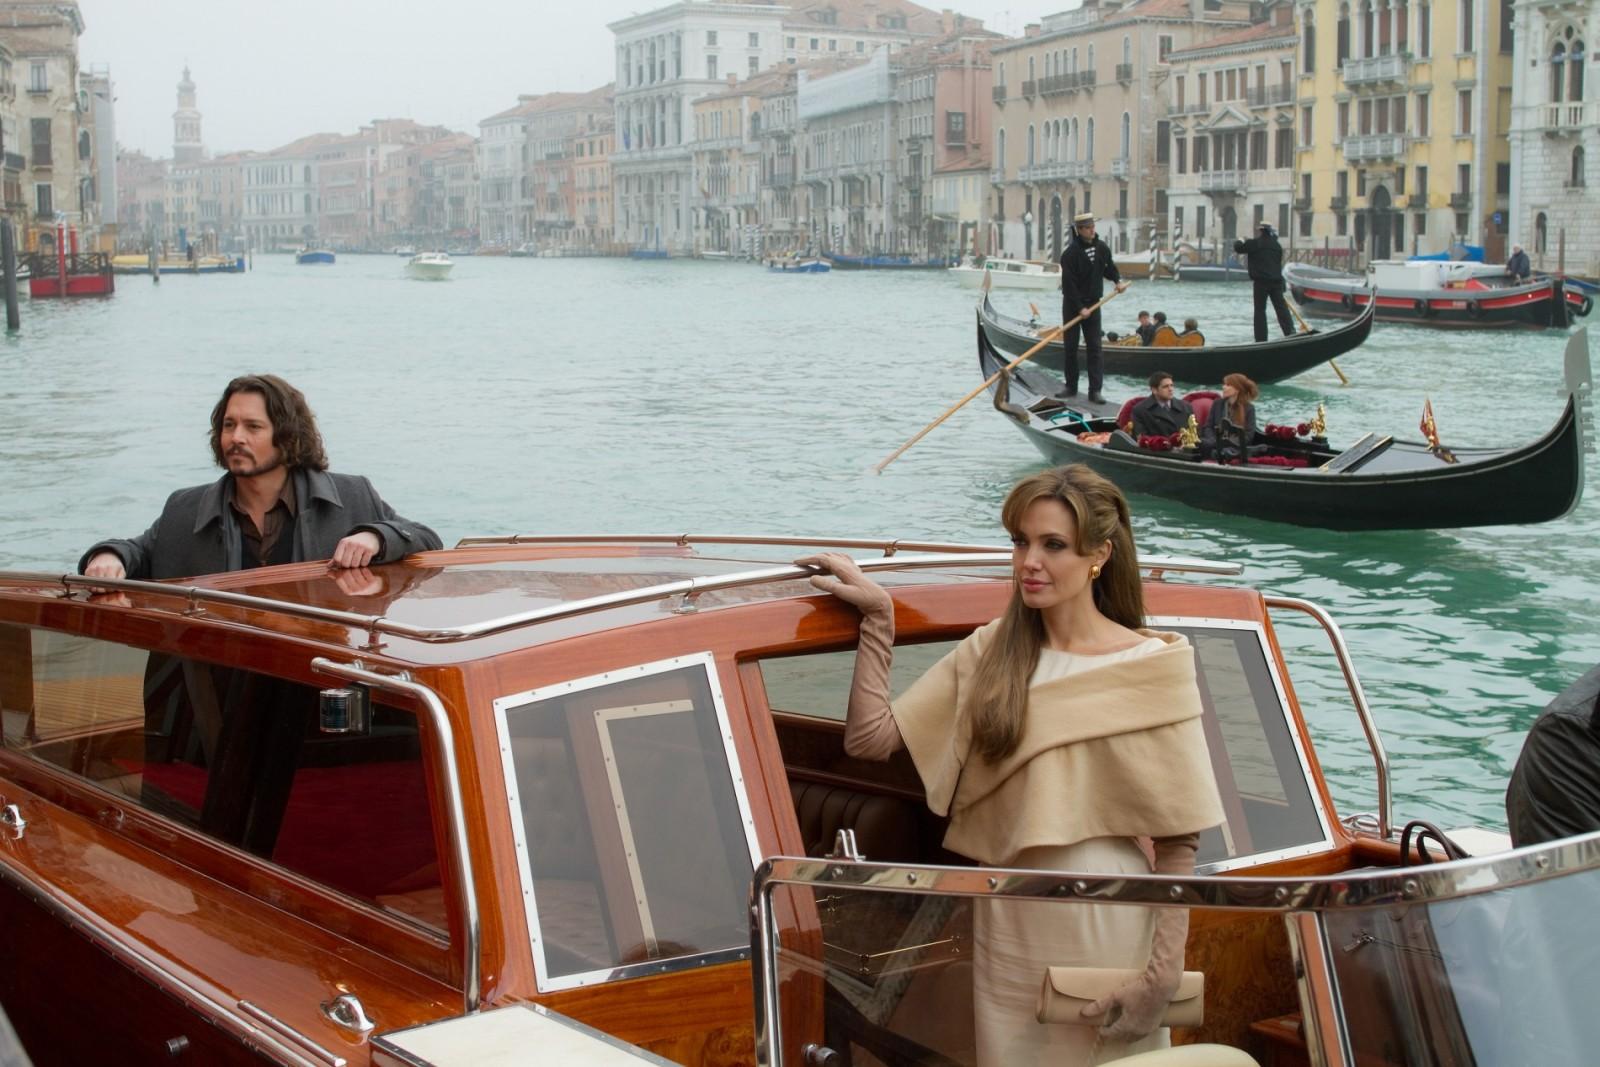 14 sugestões de filmes para assistir antes de visitar a Itália